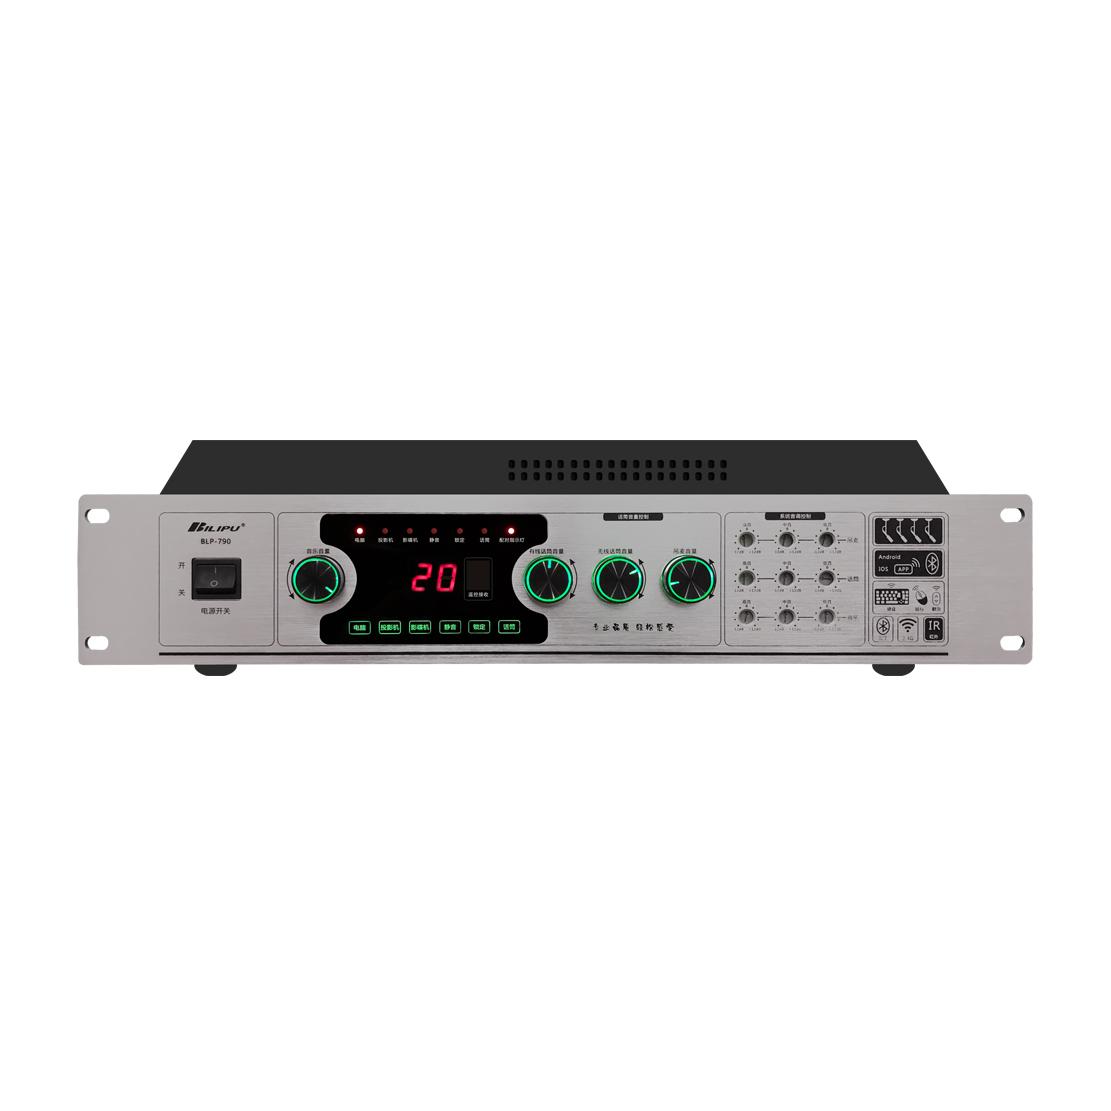 BLP-790  音频处理器